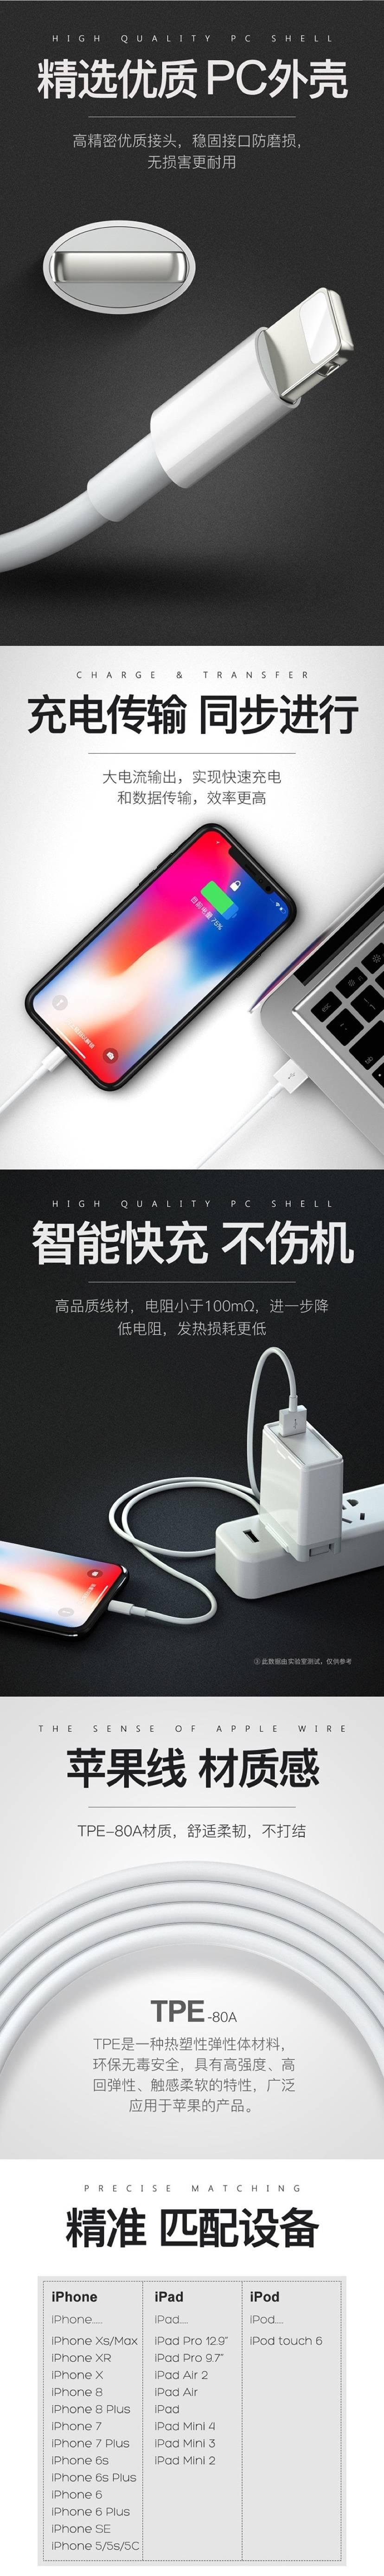 【全国包邮】19.9元抢苹果数据线5条(规格:1米),快充50%,不弹窗,一根能用好多年!